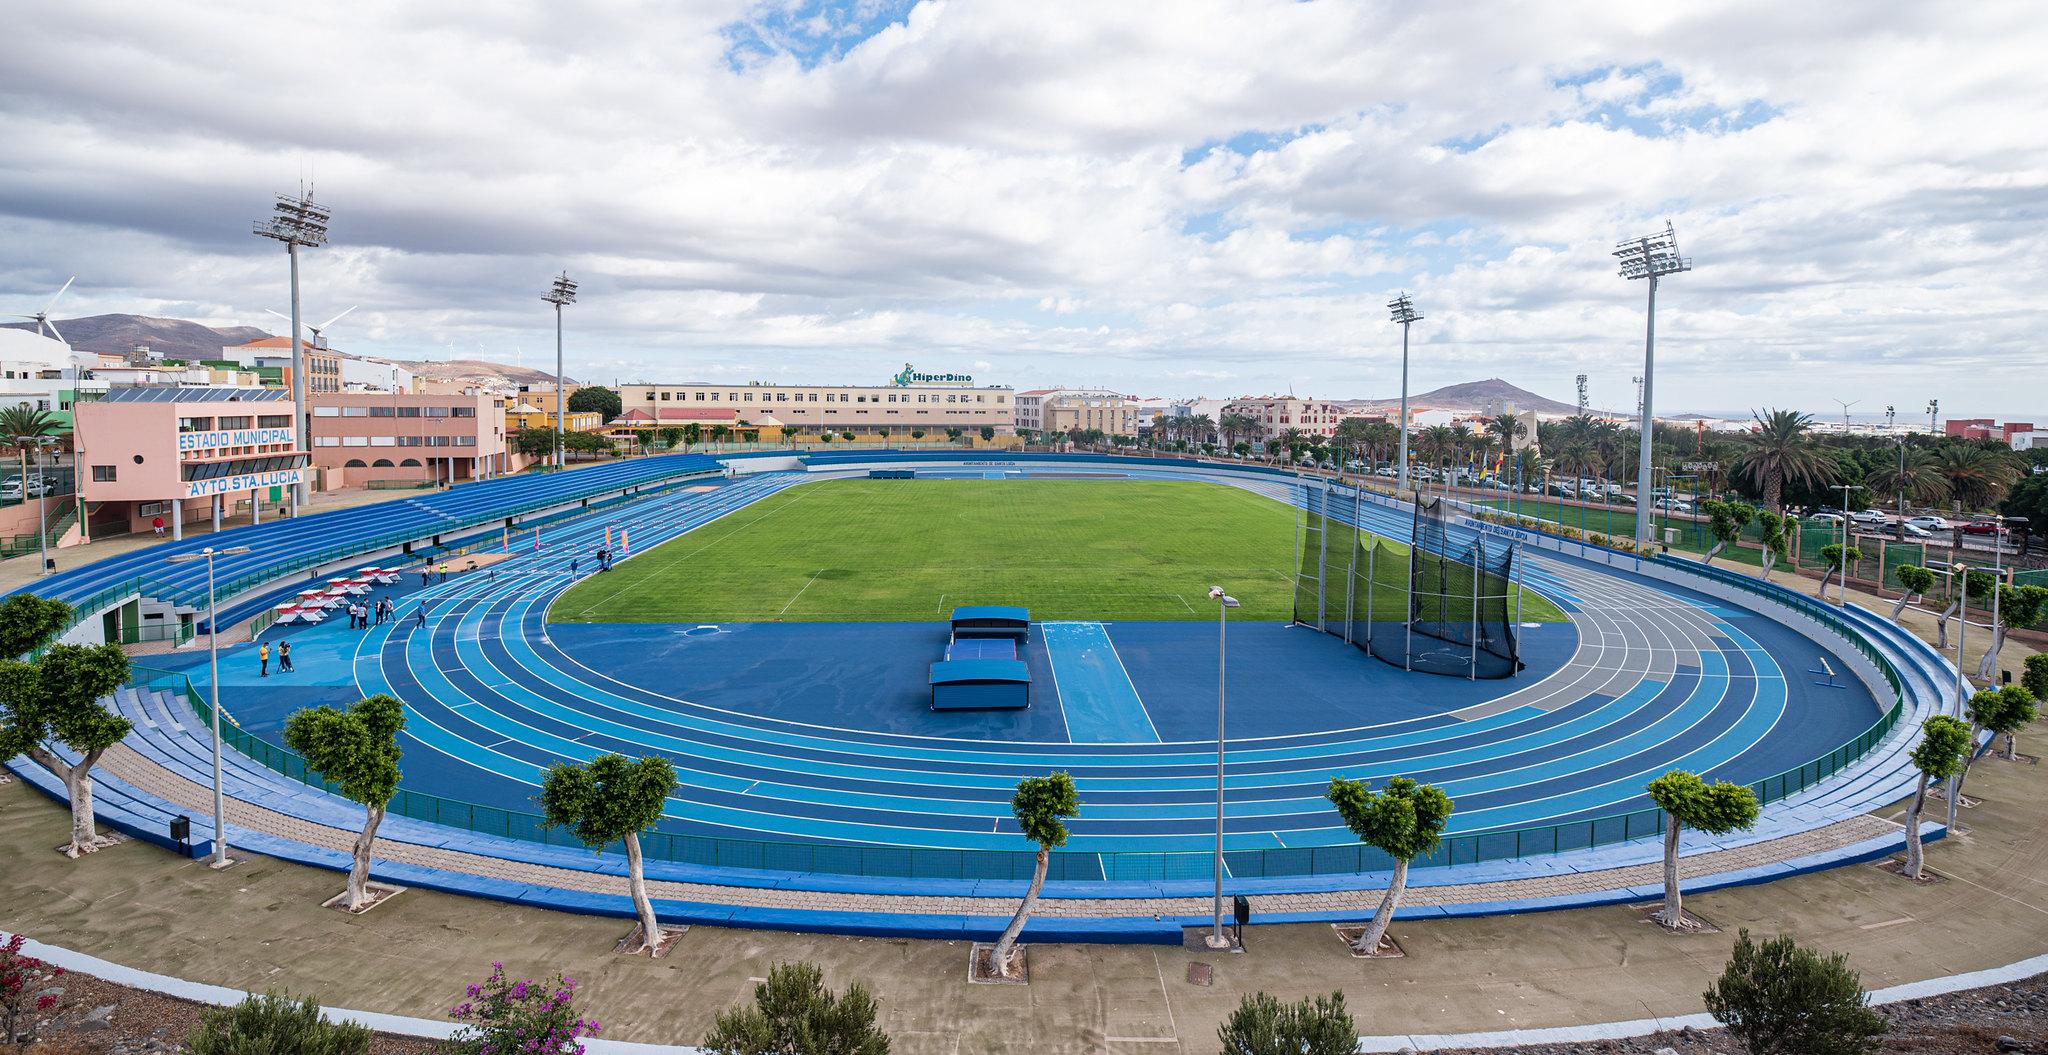 Reapertura del Estadio de Atletismo de Vecindario, Santa Lucía. Gran Canaria